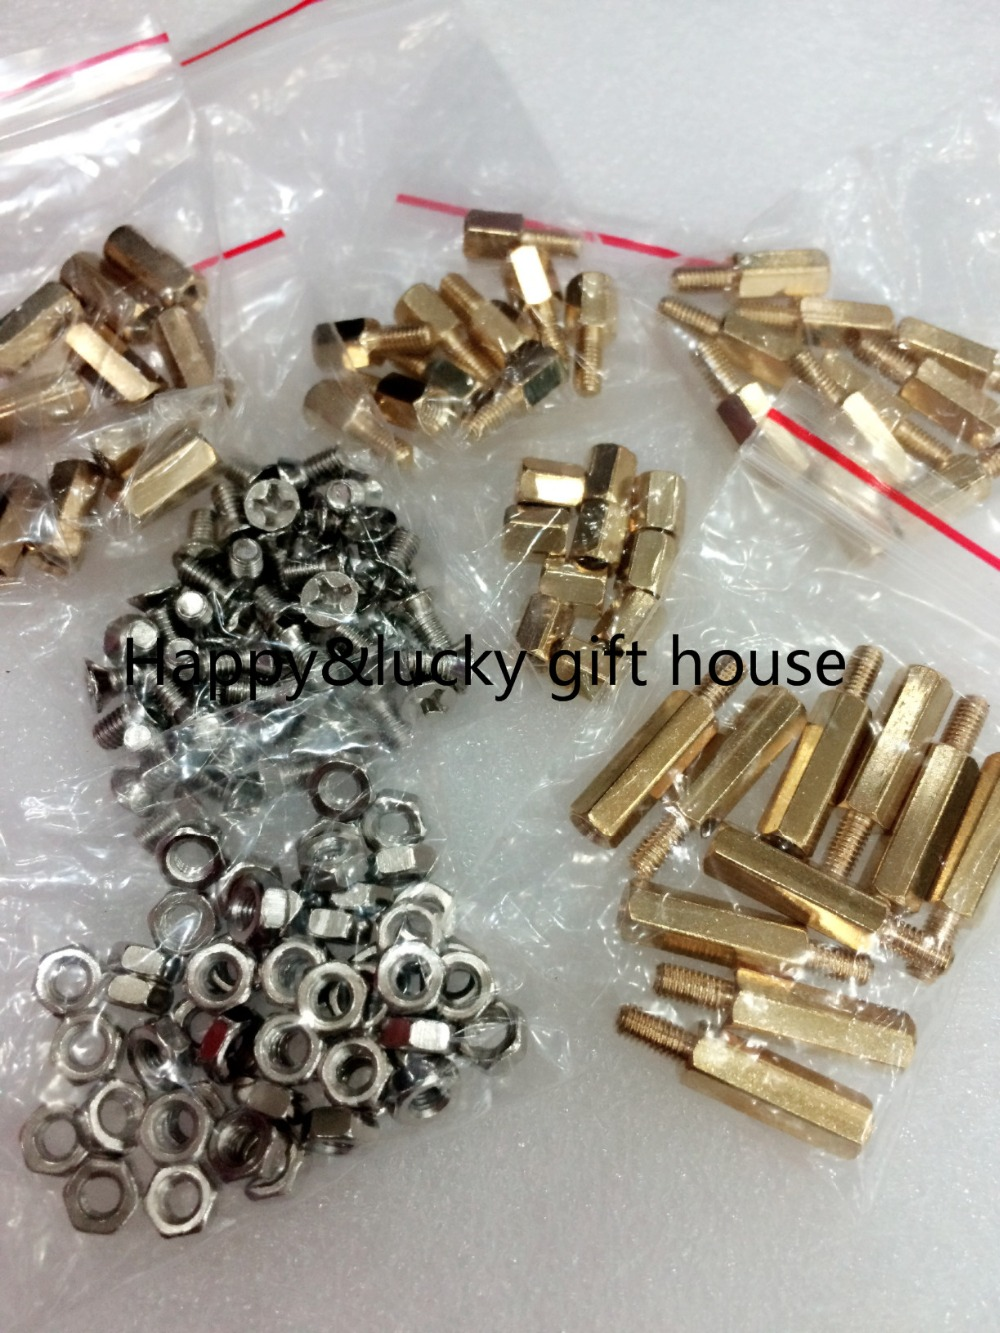 YYT гайки винты медные столбы 6 + 6 10 + 6 15 + 6 M3 гайки 3*6 винты 6 мм полые 10 мм полые 150 шт